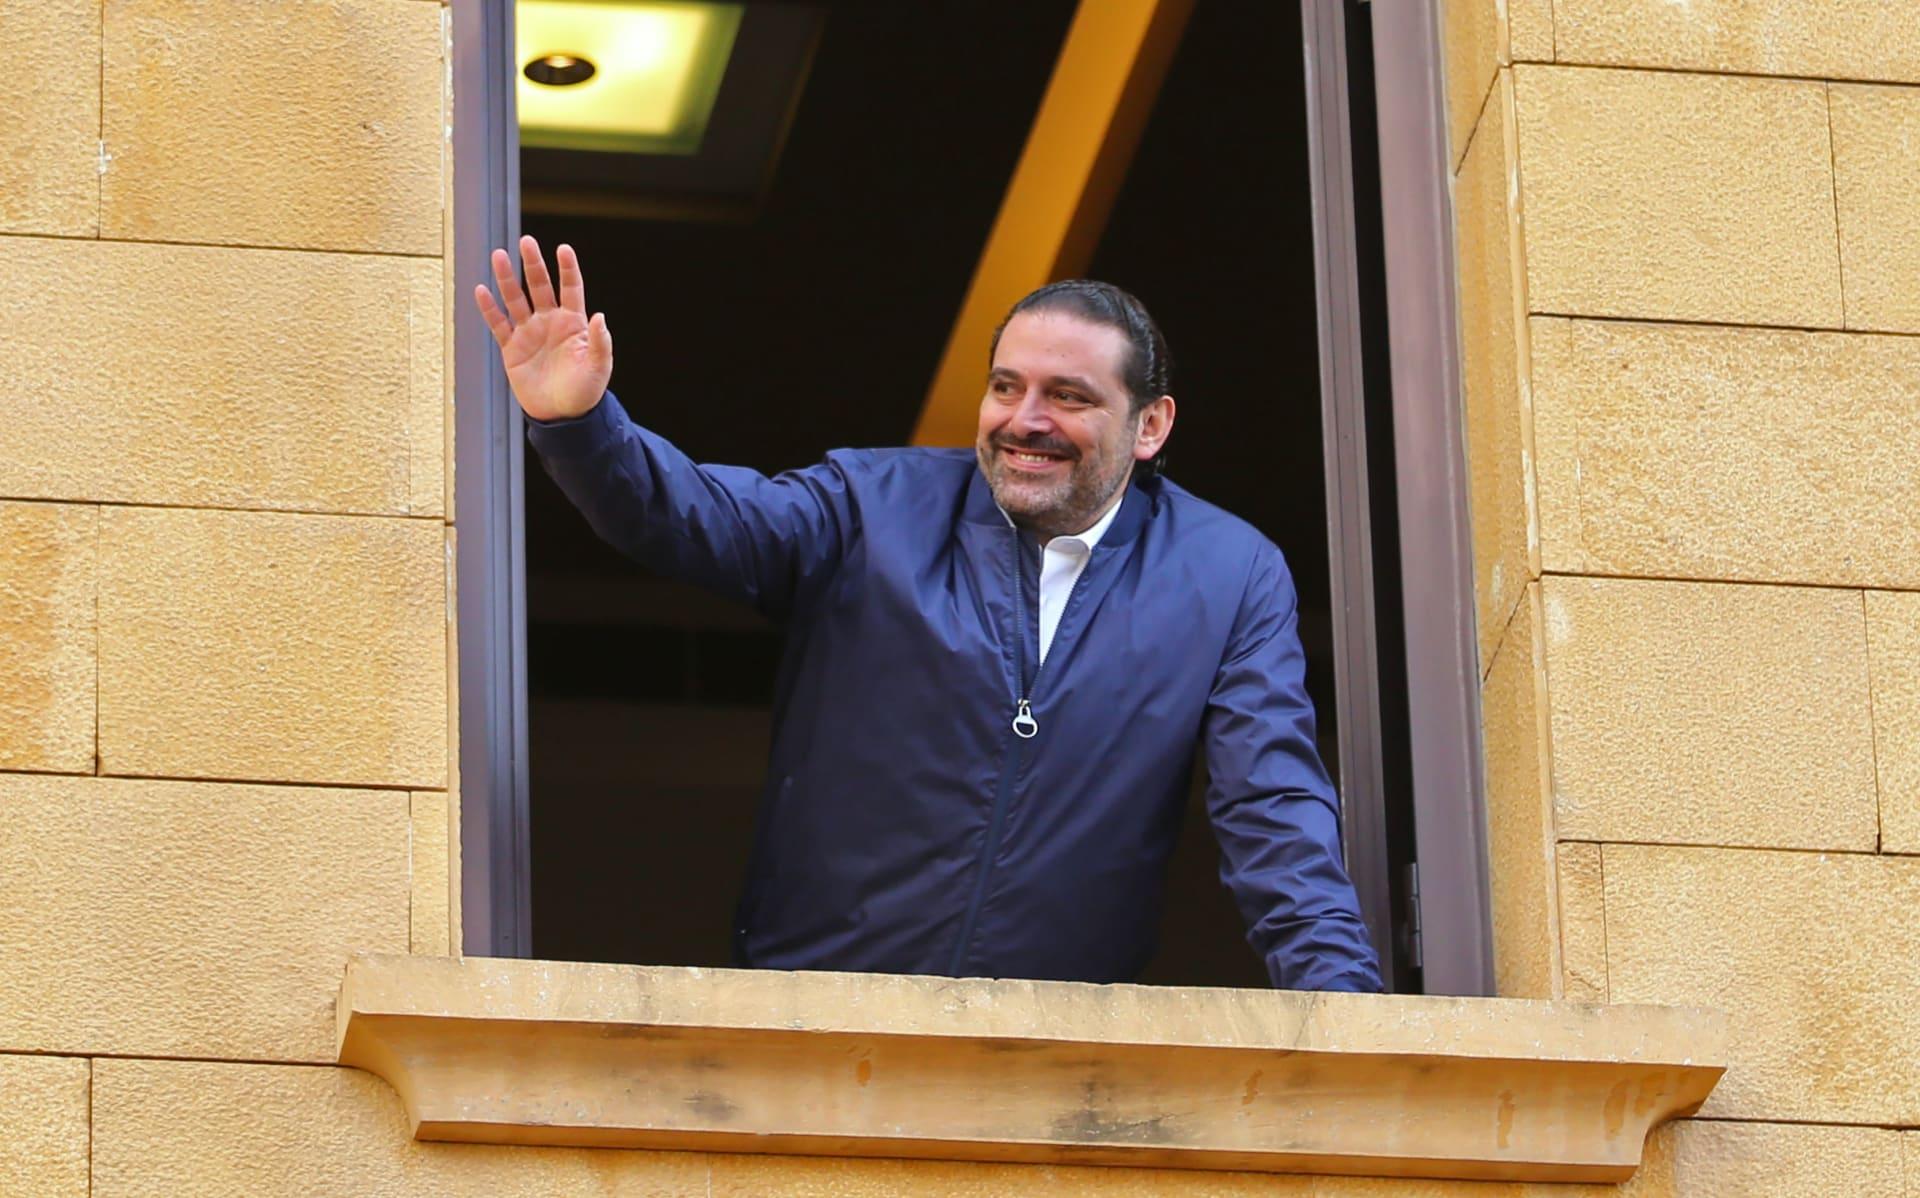 الحريري: الانتخابات منحتنا 21 مقعدا في البرلمان.. والتحالف مع عون مستمر